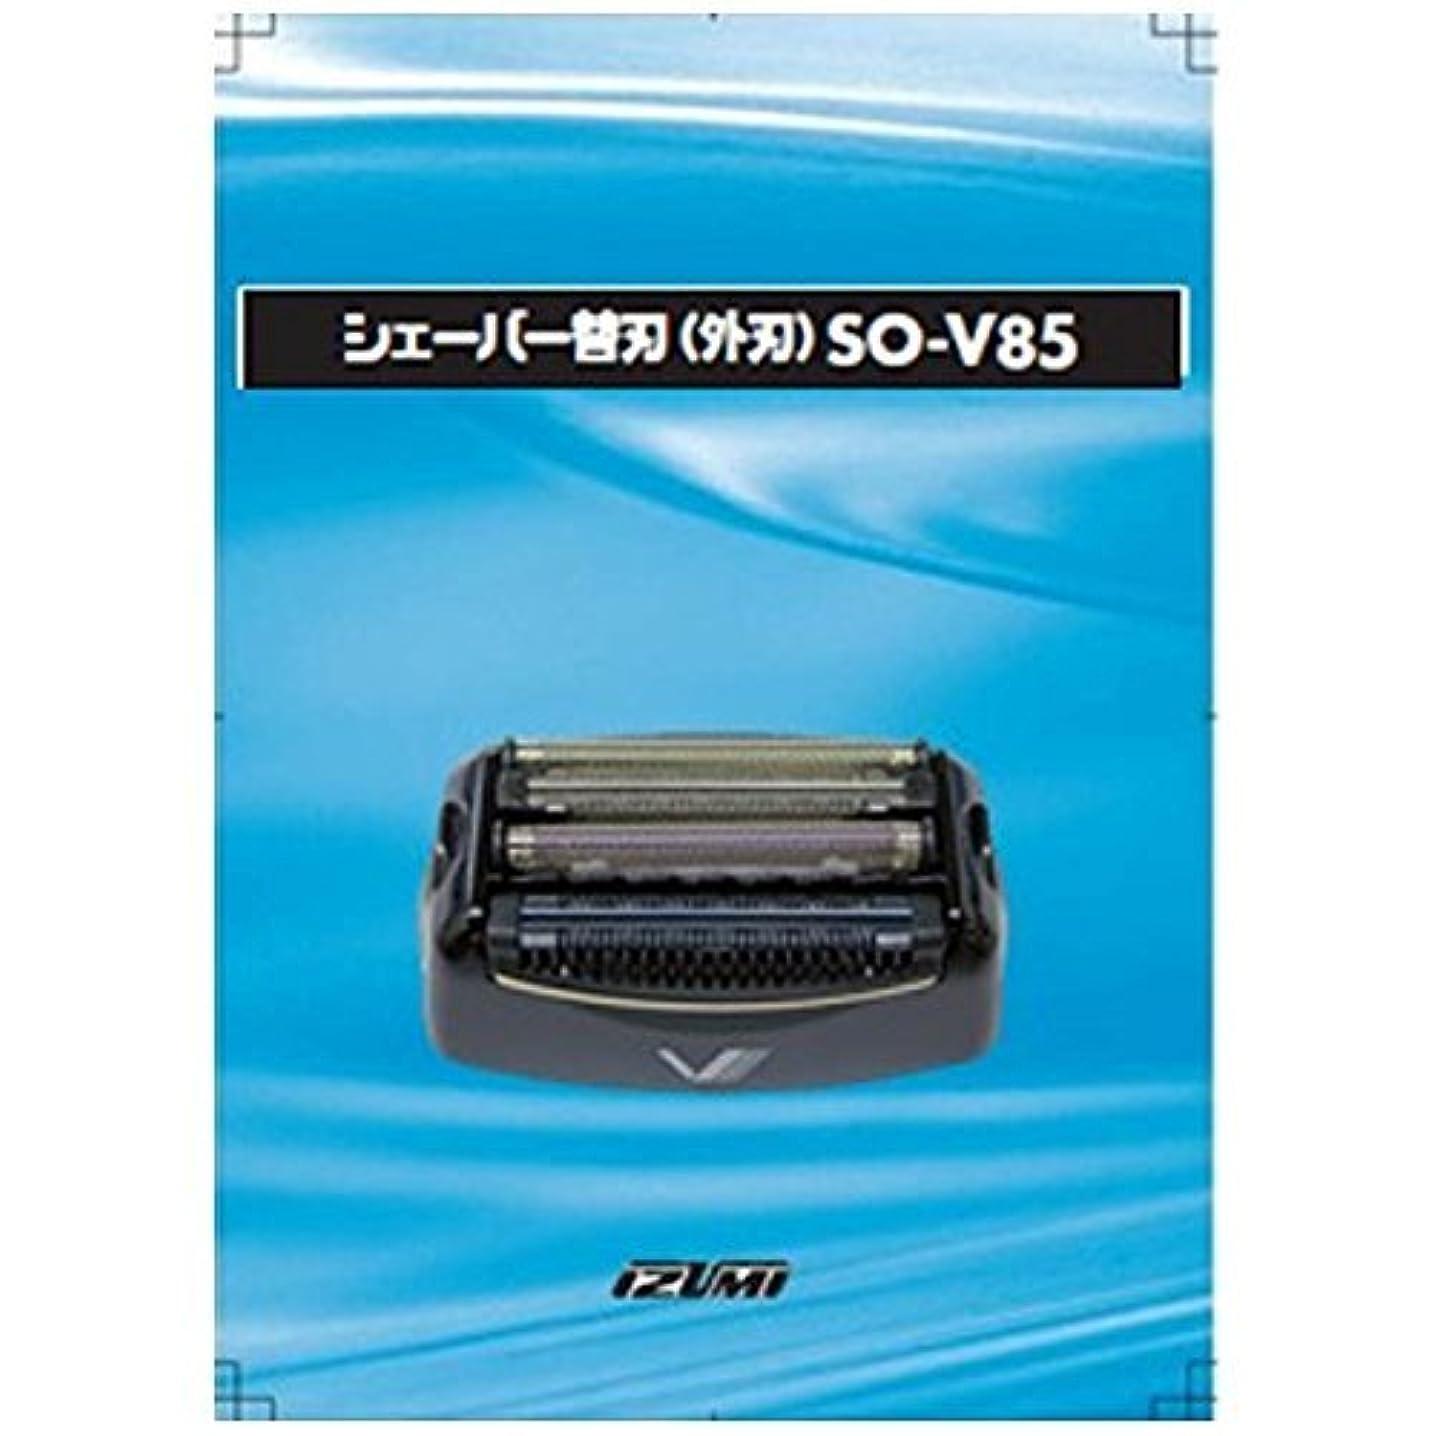 リークマインド調子イズミ 交換用替刃(外刃)IZUMI SO-V85